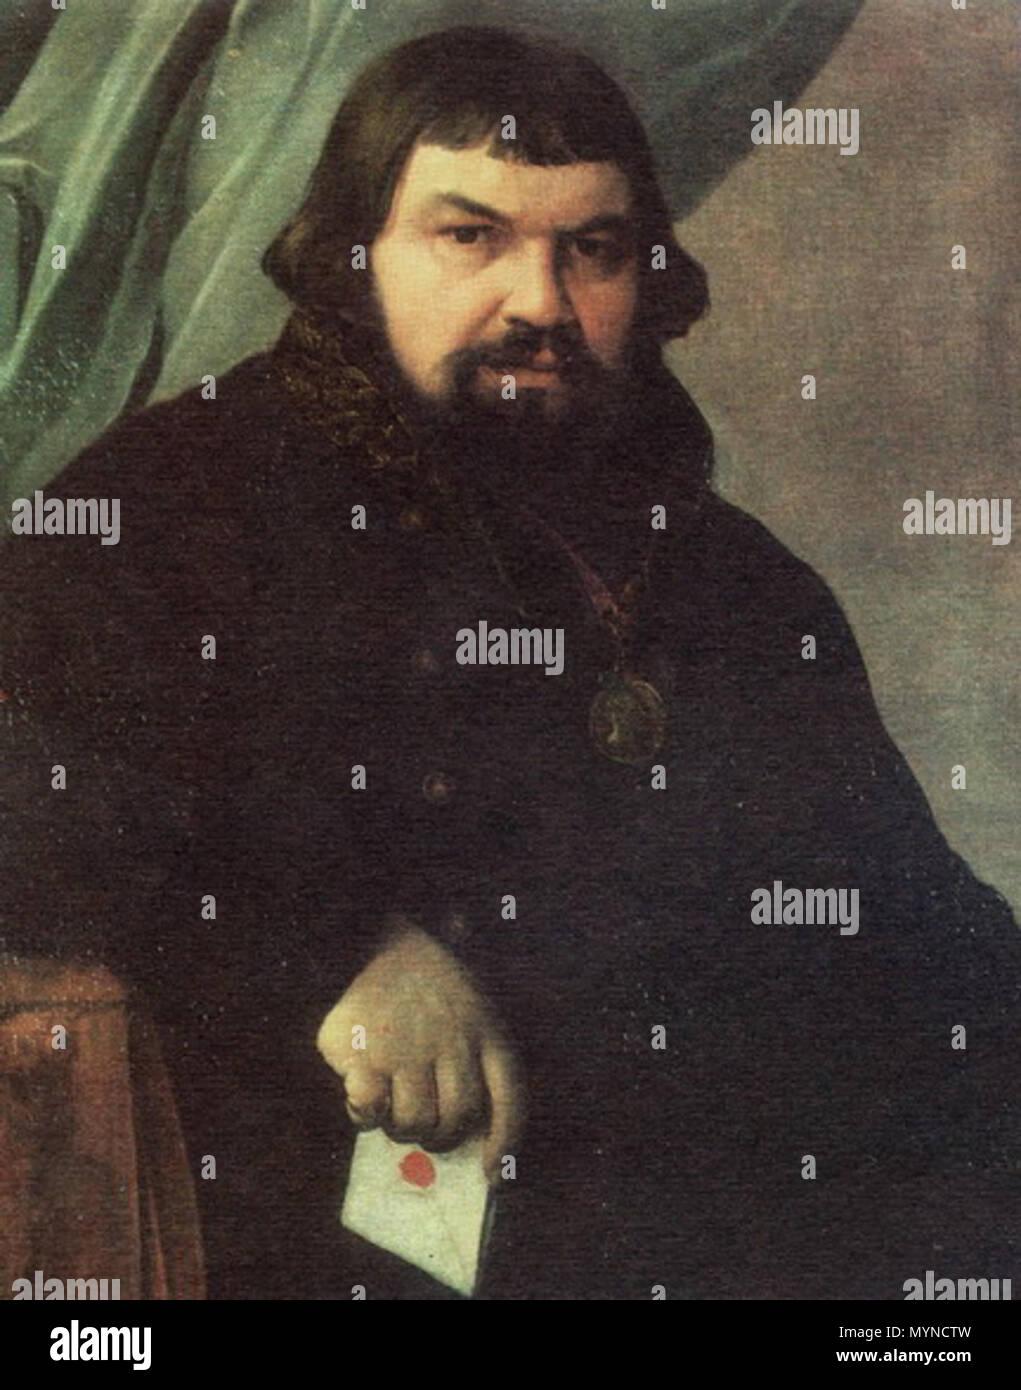 . Alexey Venetsianov. Portrait of the Merchant Obraztsov. 1830s. Oil on canvas. 1830s. Venetsianov 394 Obraztsov by Venetsianov - Stock Image